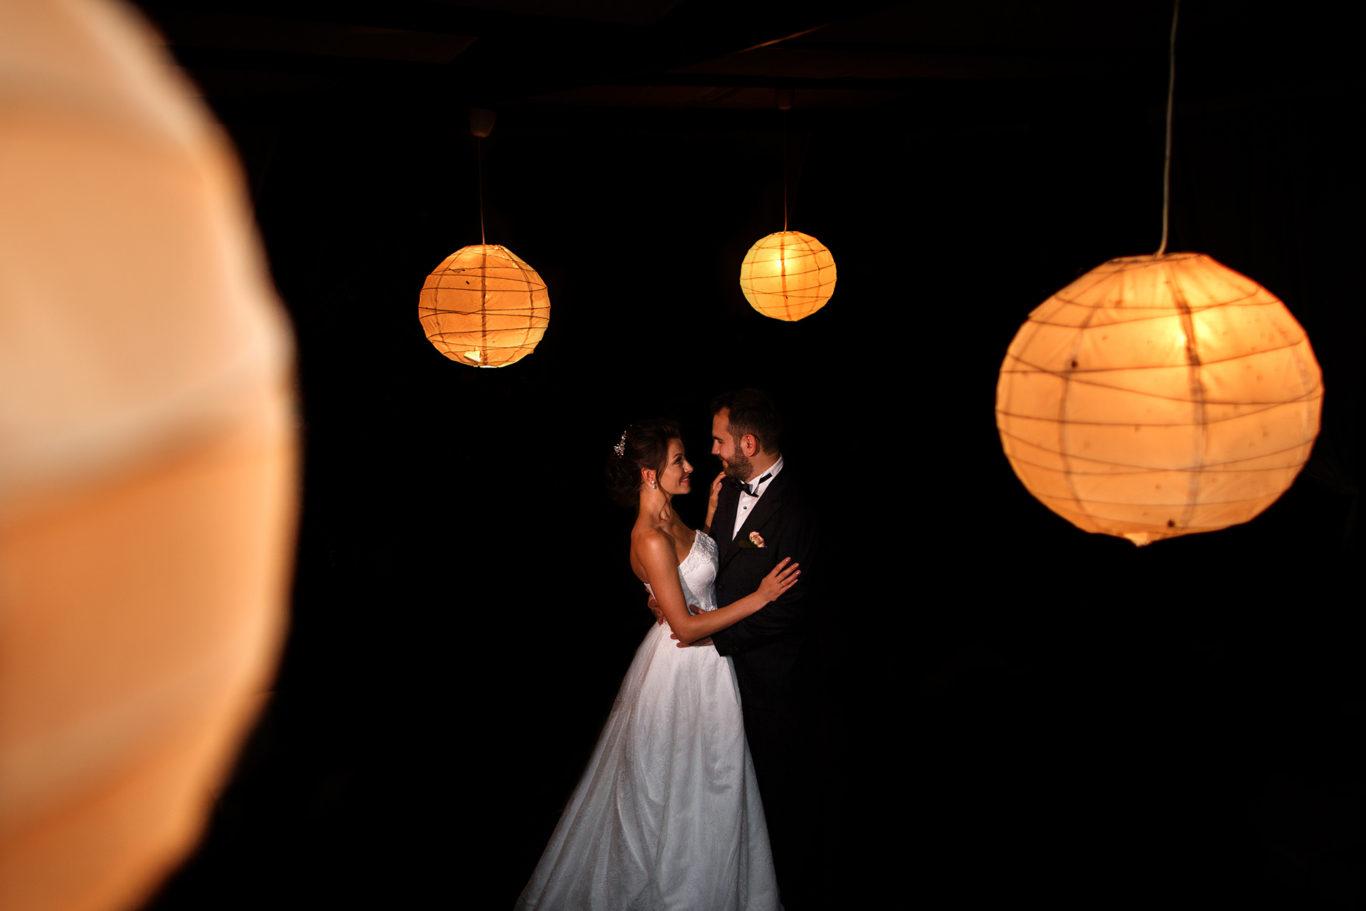 Nunta La Seratta - Adriana & Dan - fotograf Ciprian Dumitrescu - fotografie documentara de nunta si familie - fotograf Bucuresti